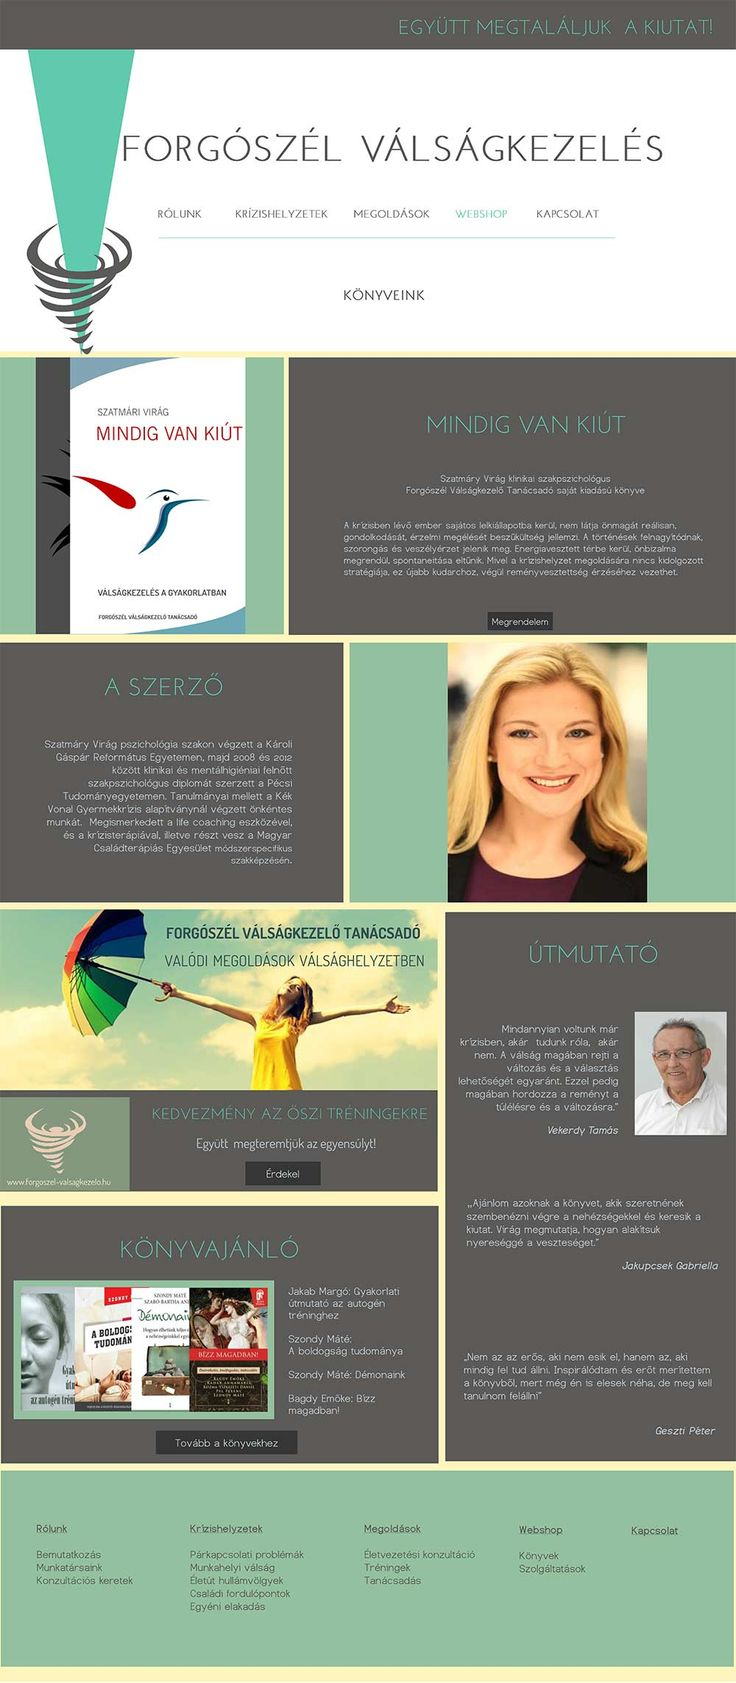 Szunyogh Krisztina Forgószél tanácsadó honlapja   Kreatív Webdesign Tanfolyam